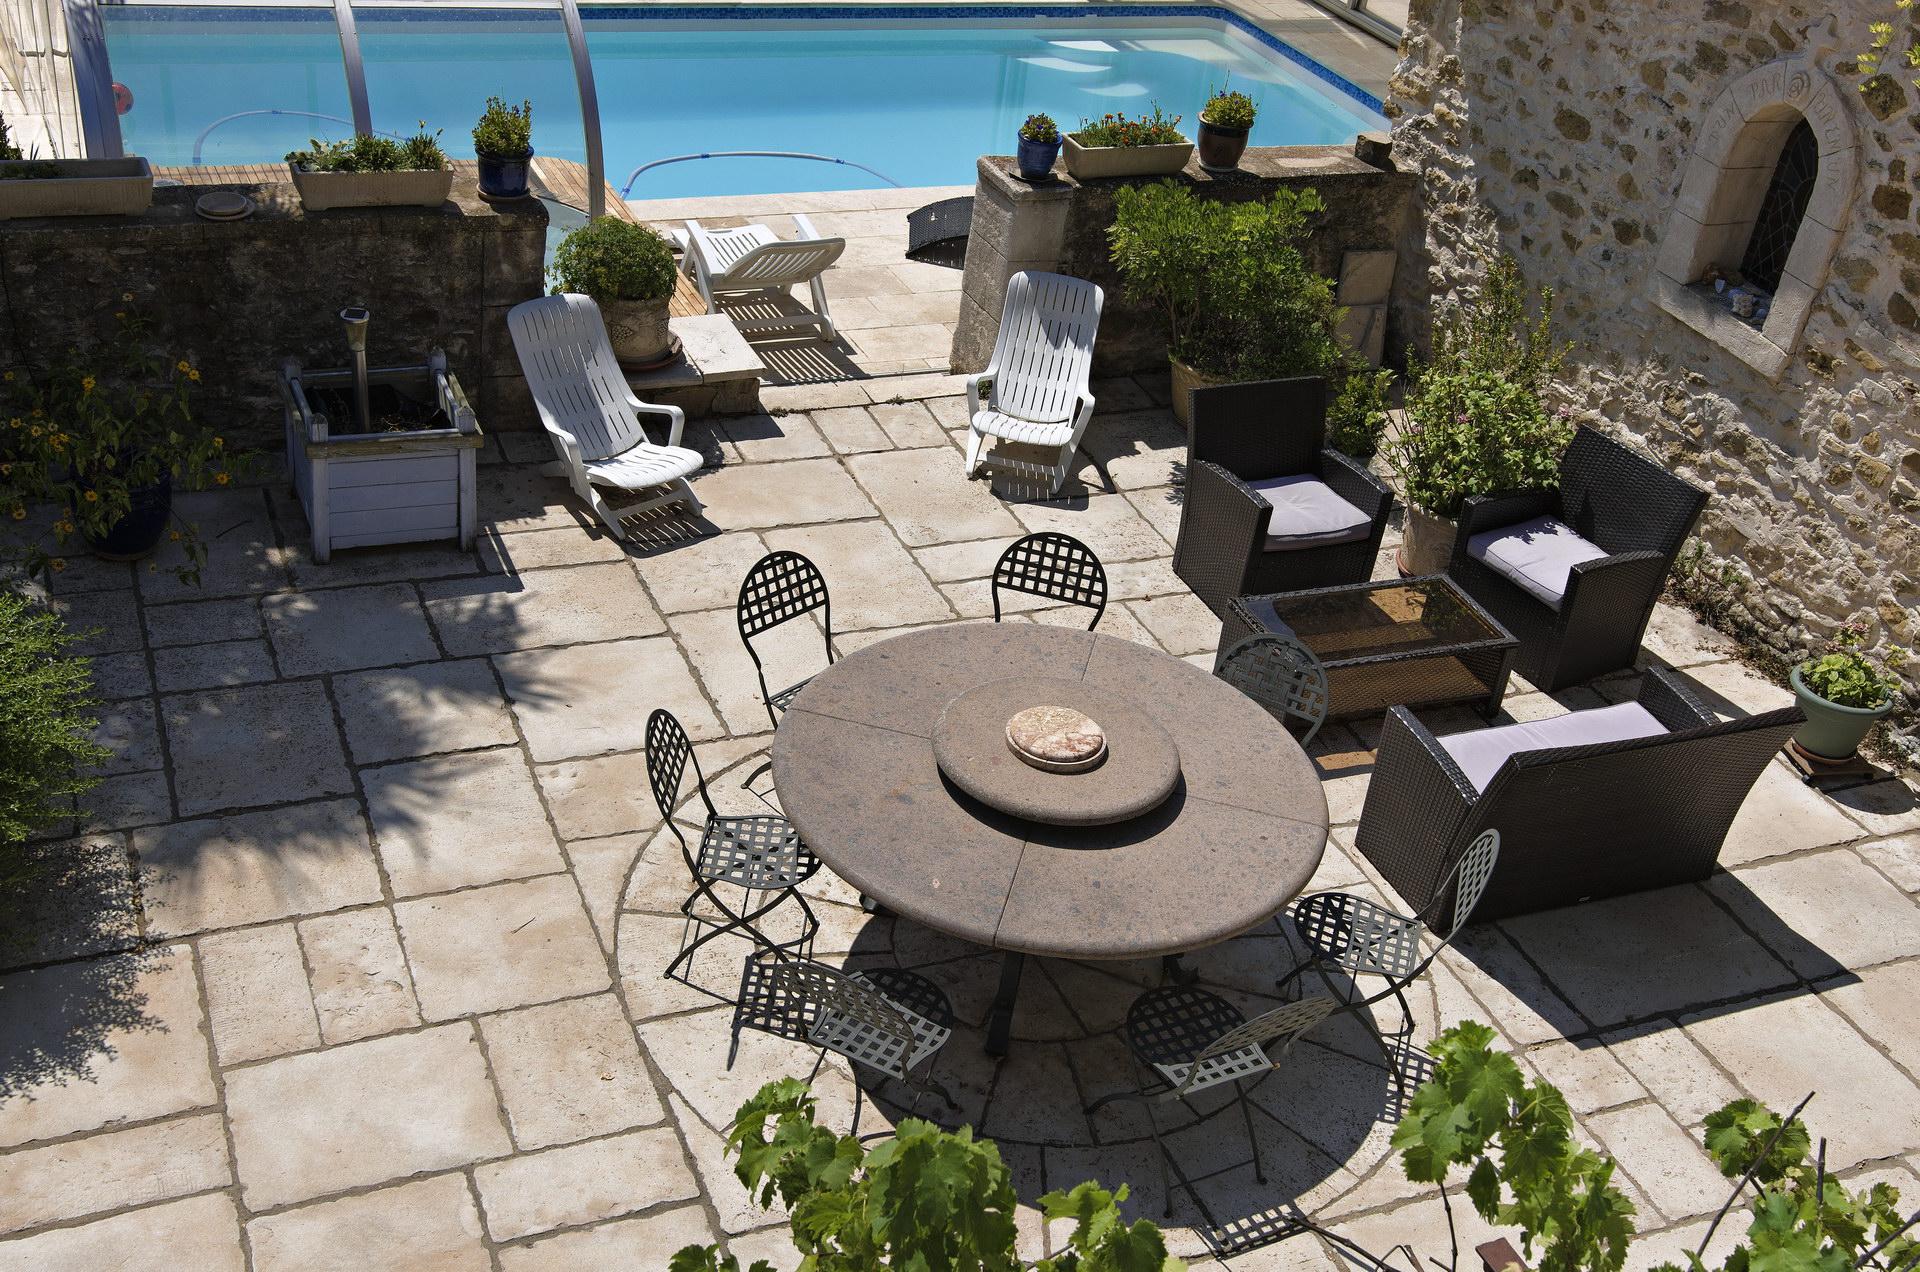 Fontaine Neuve gites et chambres d'hôtes à Lure : espace petit-déjeuner au bord de la piscine